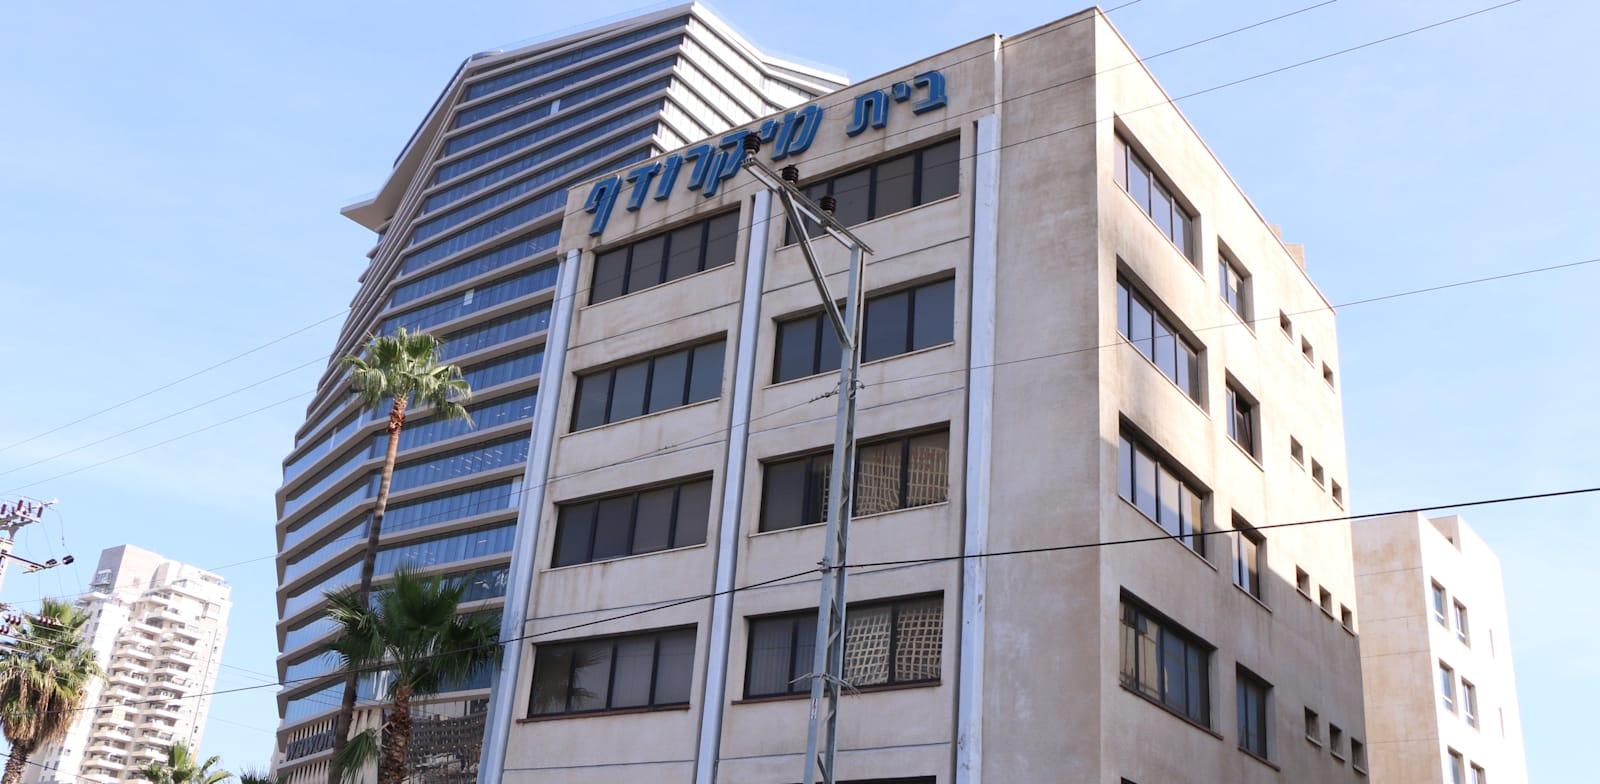 """בנין מיקרודף רחוב דרך השלום פינת יגאל אלון ת""""א / צילום: כדיה לוי"""